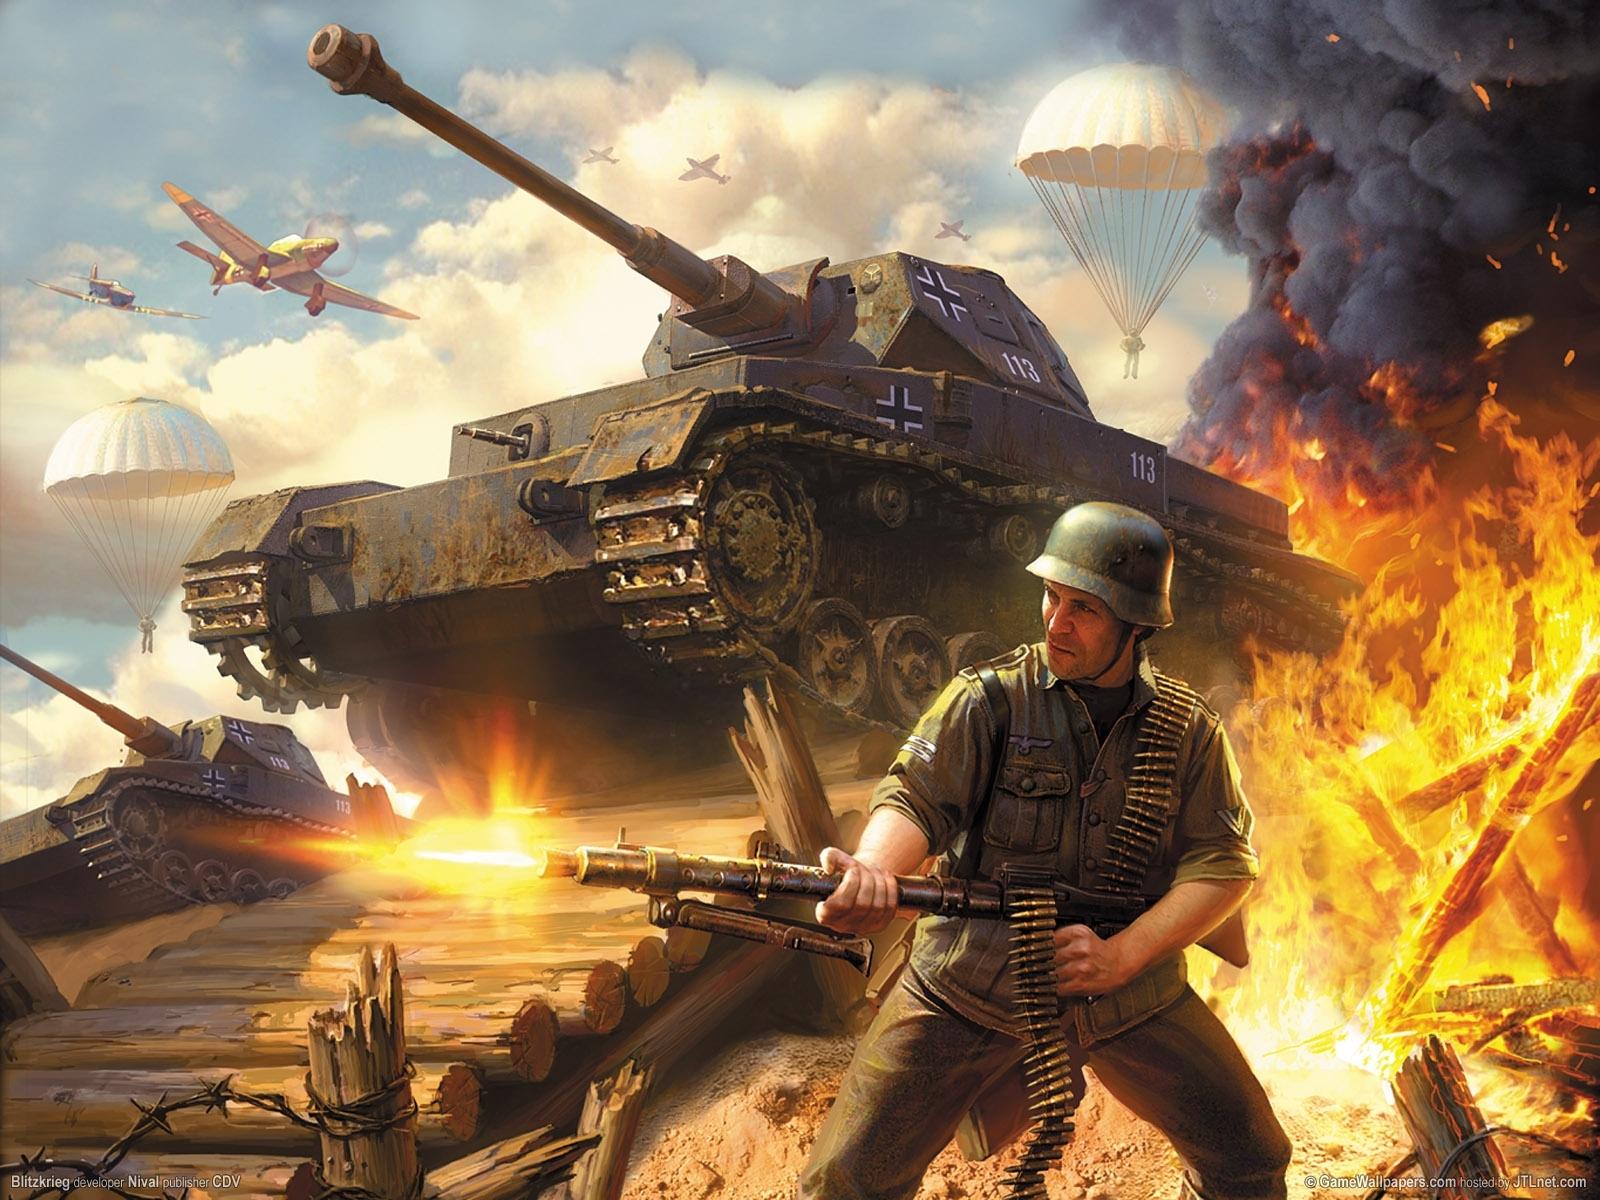 11208 Hintergrundbild herunterladen Menschen, Spiele, Feuer, Raucher, Tanks, War, Blitzkrieg - Bildschirmschoner und Bilder kostenlos